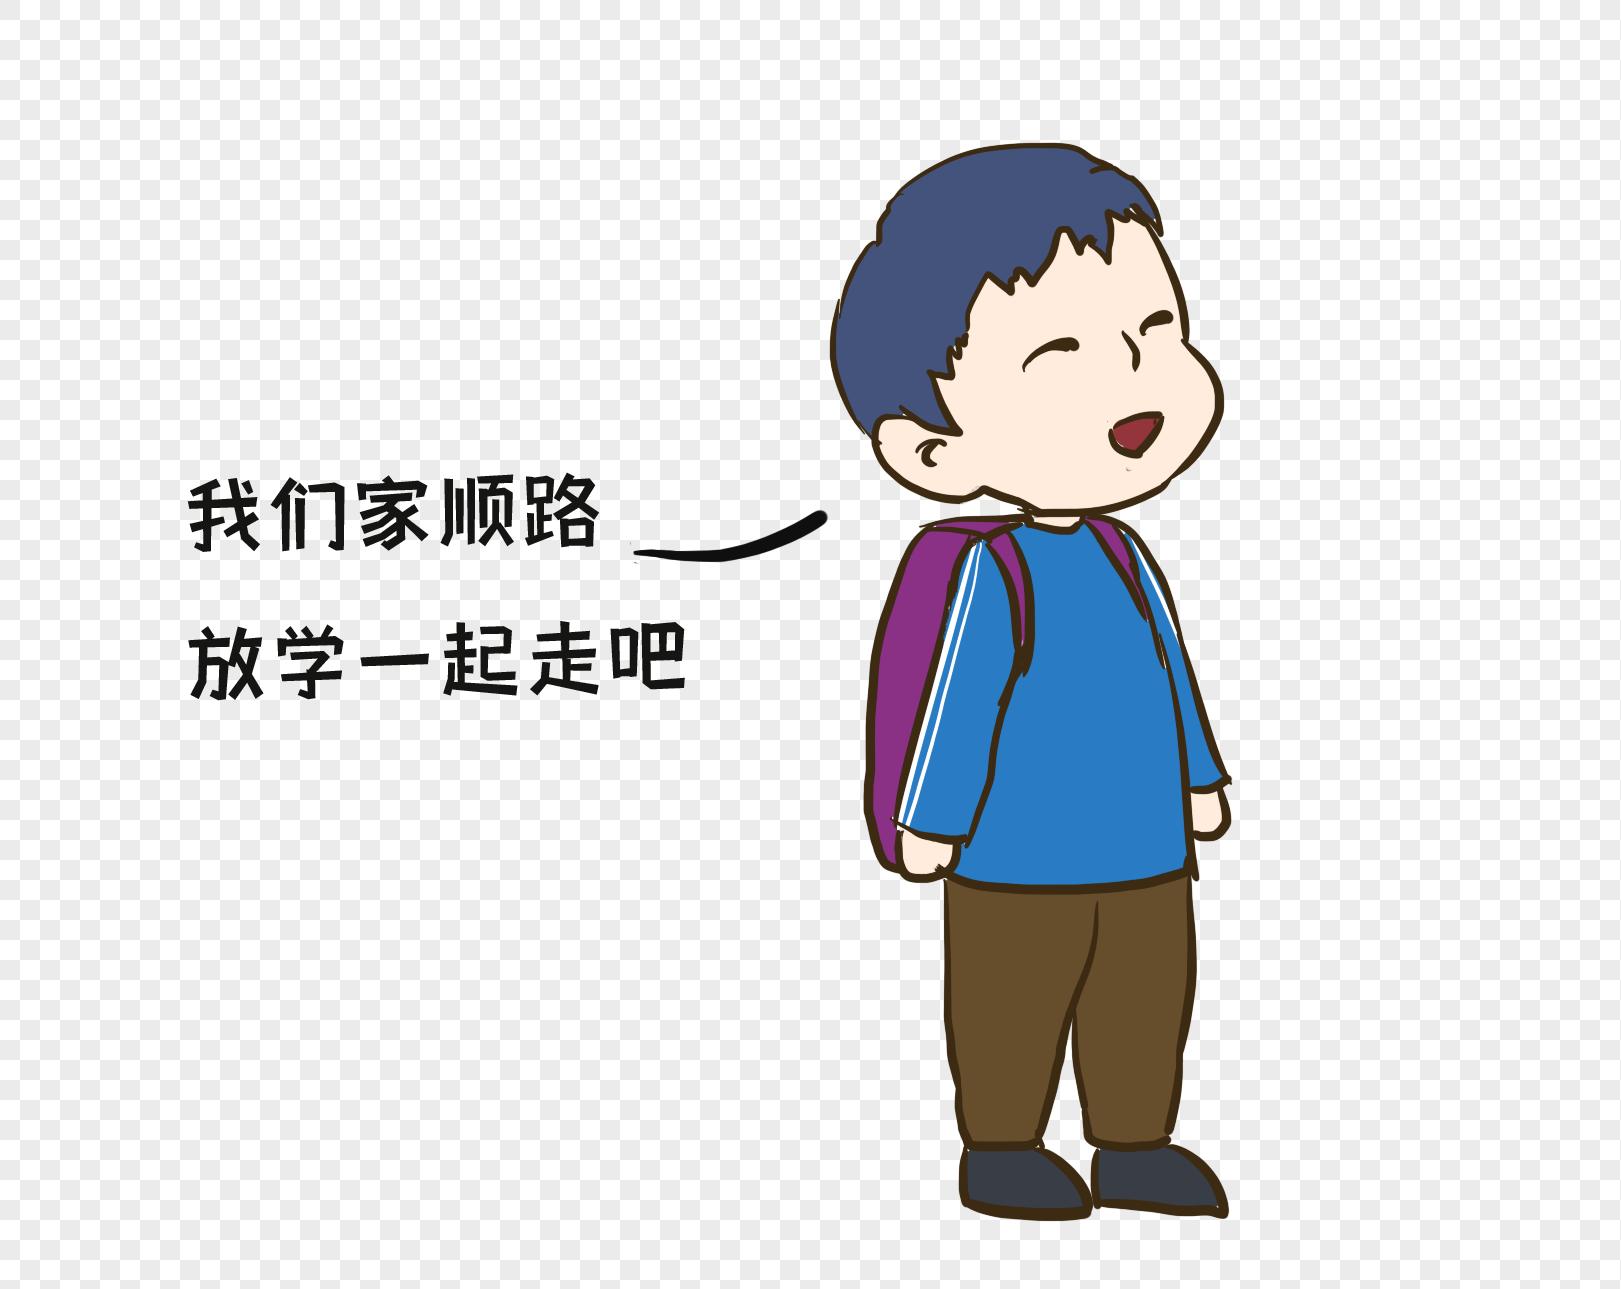 微信朋友圈 qq空间 新浪微博  花瓣 举报 标签: 卡通人可爱小人小男孩